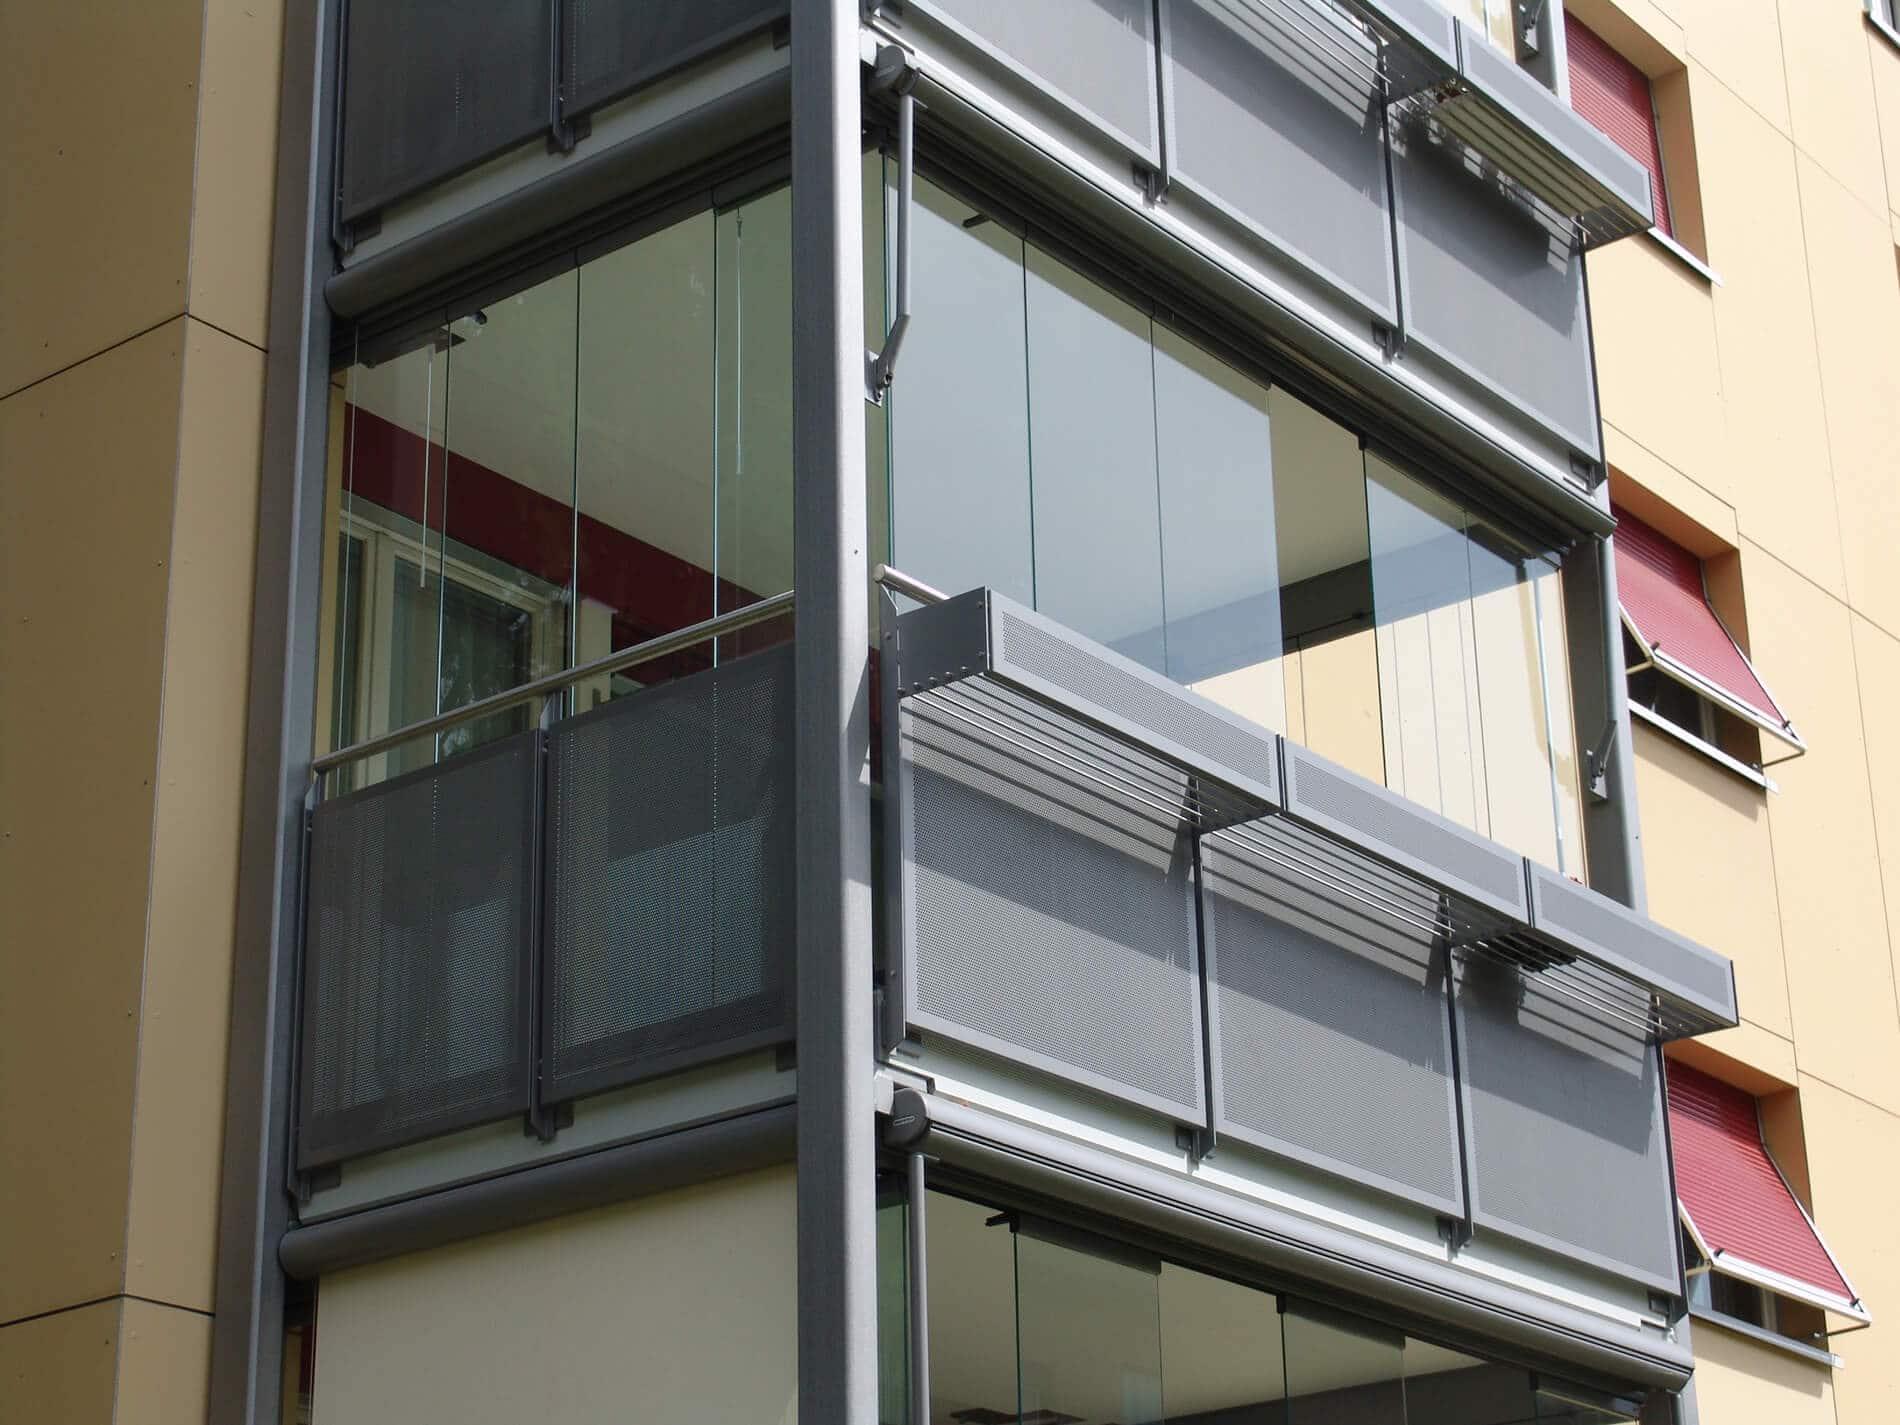 Balkon Wintergarten mit Glas